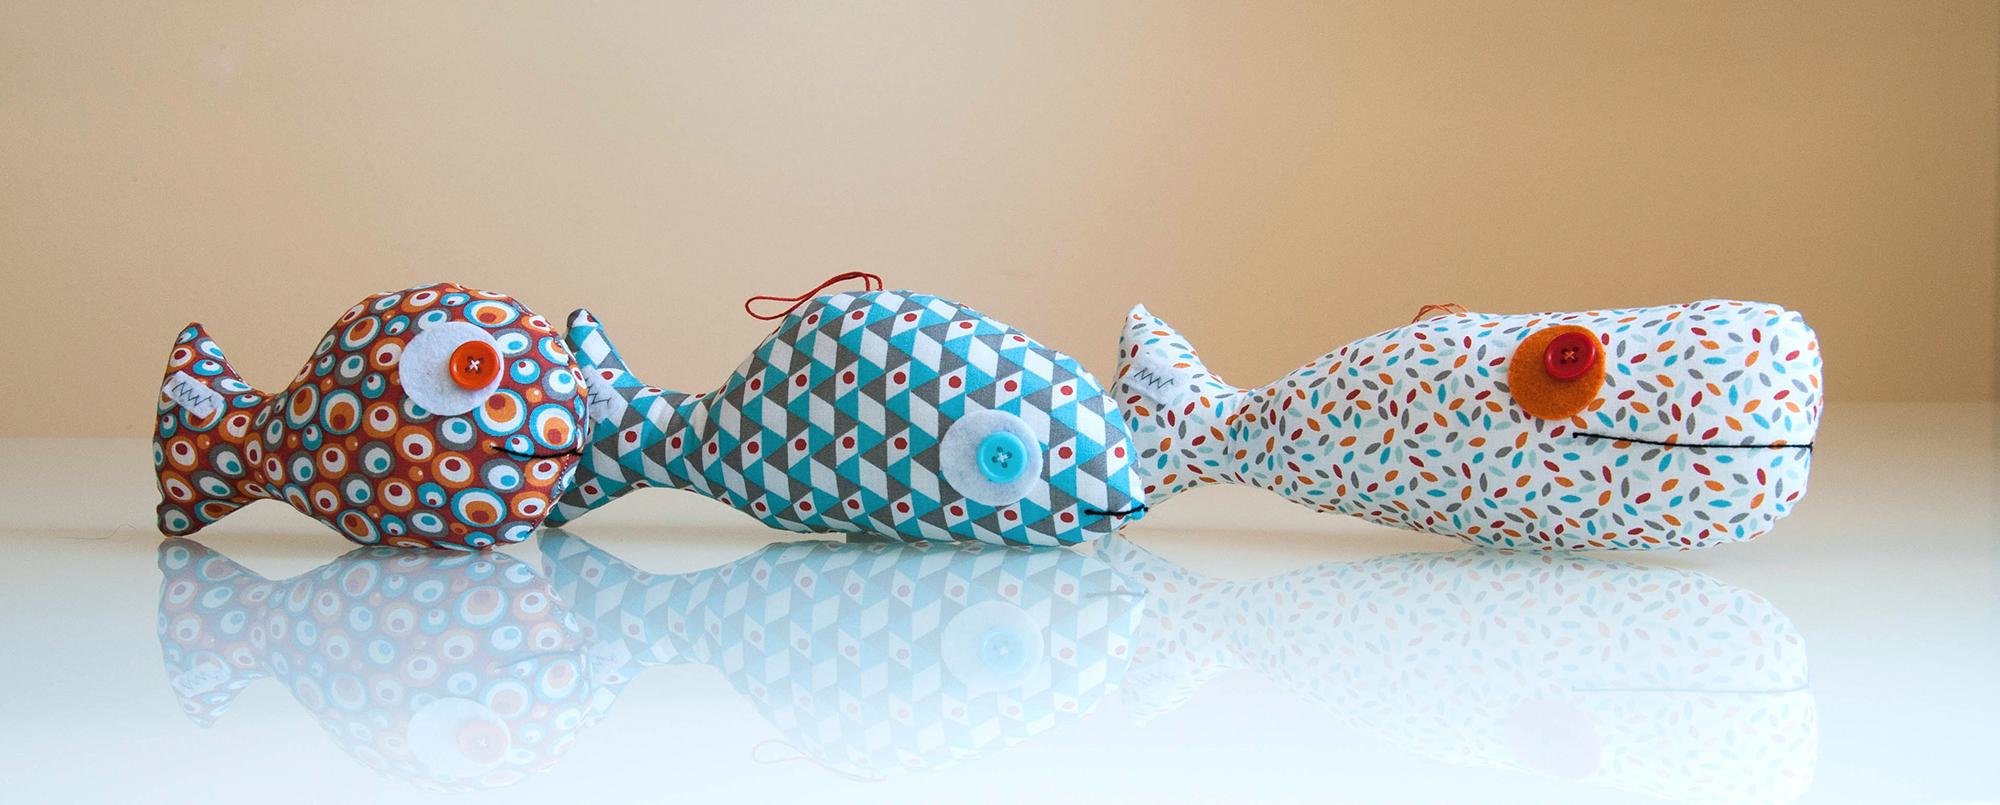 pesci1a-web